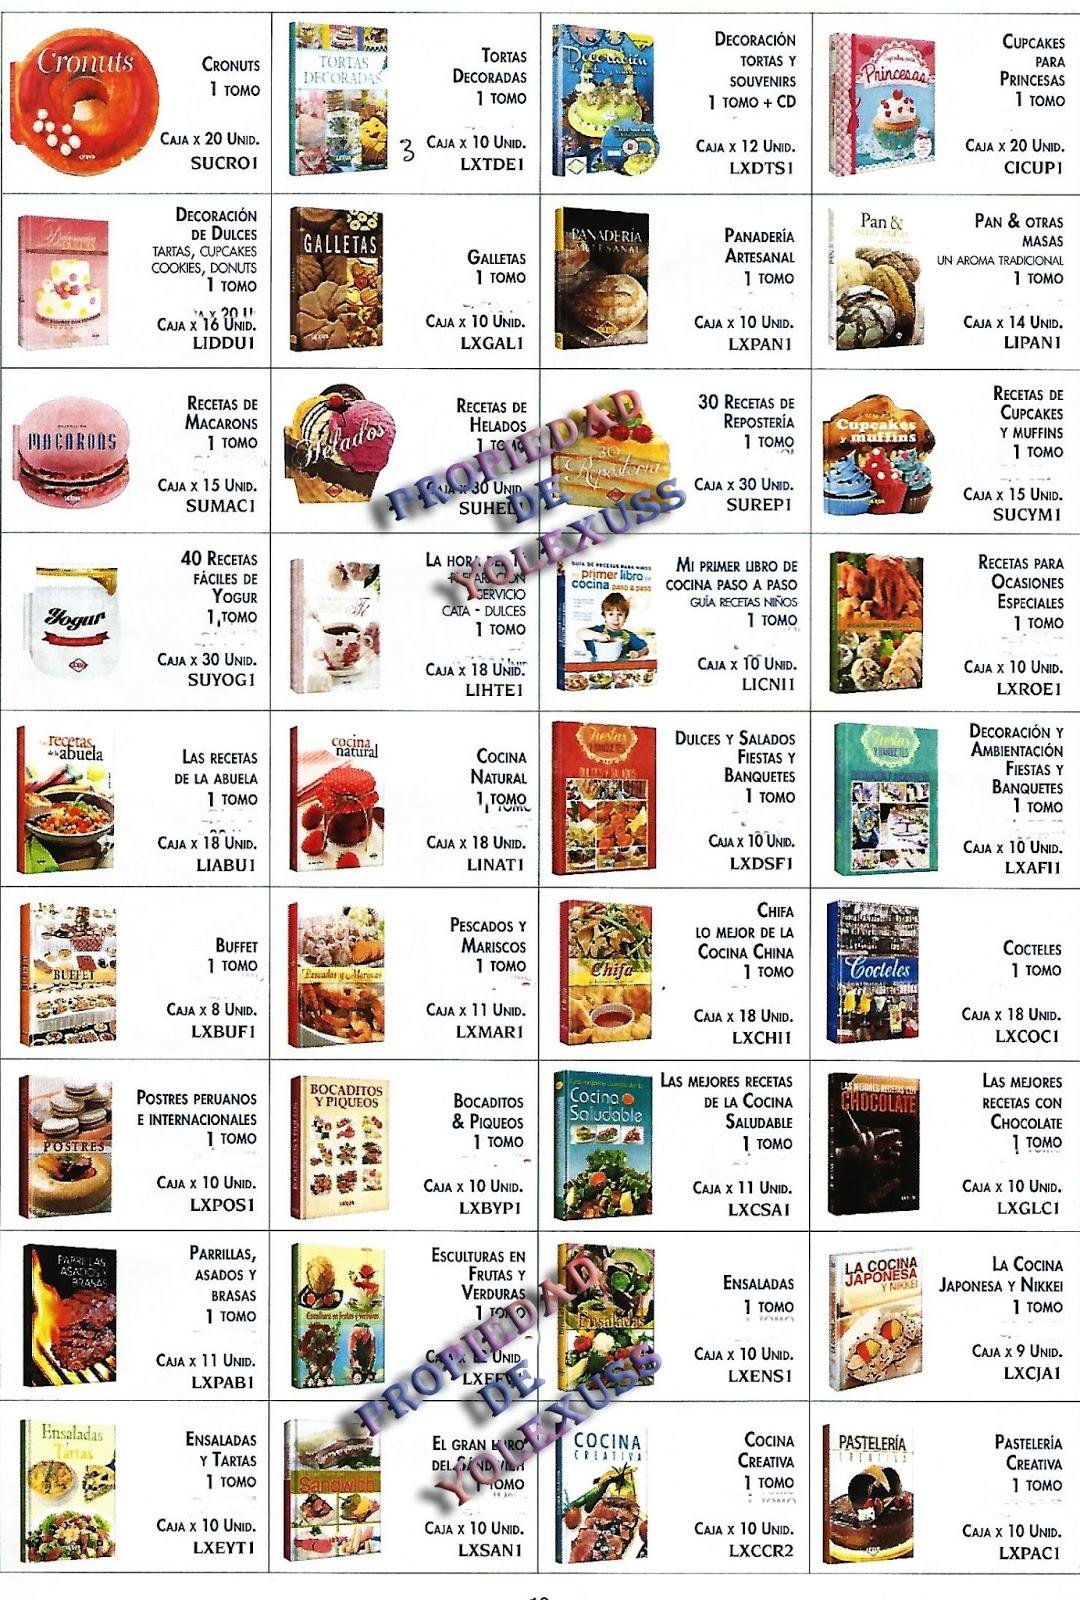 Libro de cocina molecular y fusi n novedad s 79 sroct for Libros de cocina molecular pdf gratis